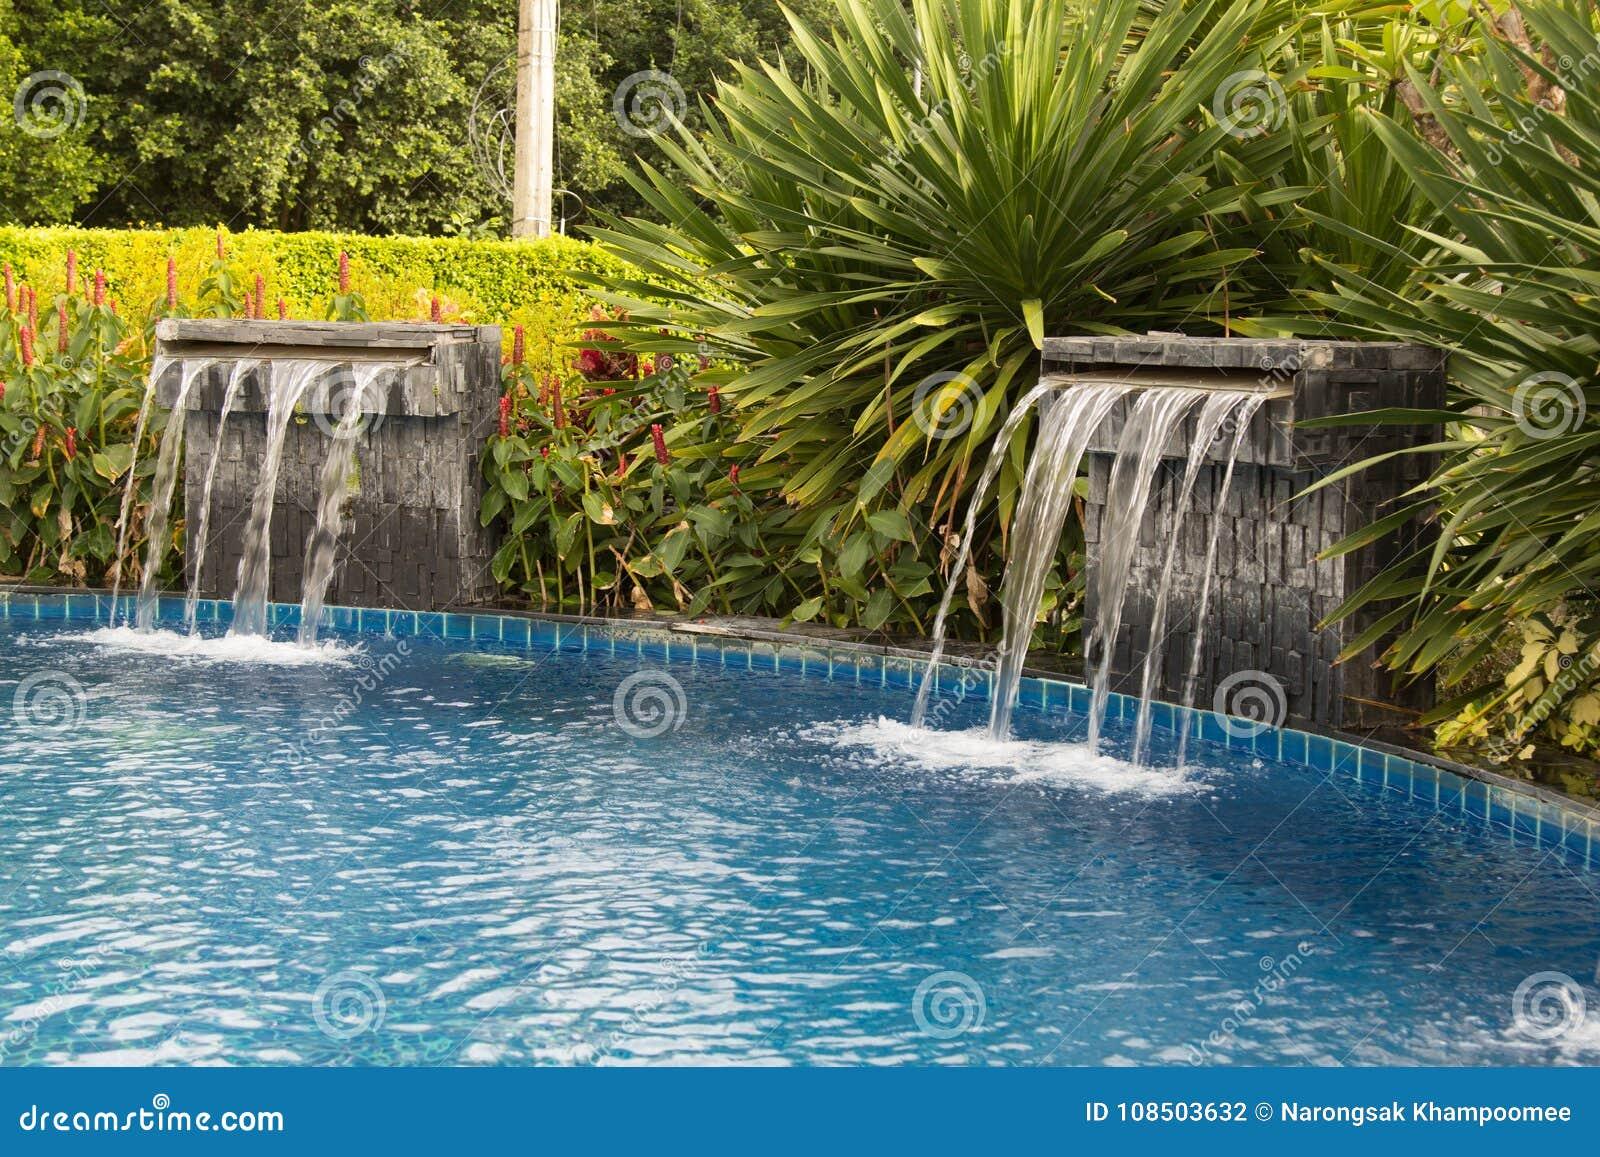 Waterfall Falling In A Blue Lagoon Swimming Pool In Hotel. Stock ...